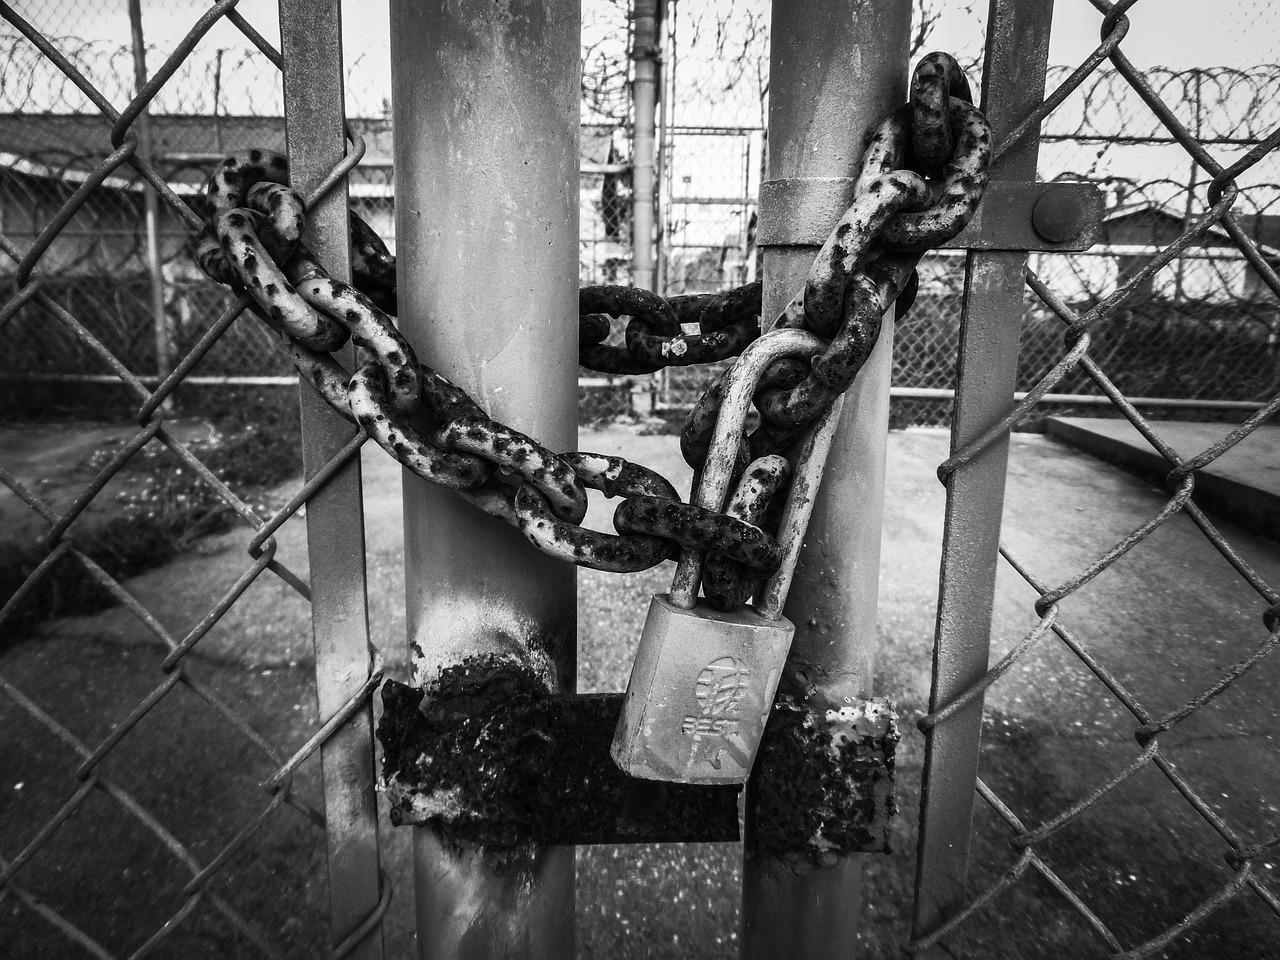 prisao-provisoria-e-utilizada-de-forma-excessiva-e-acentua-encarceramento-em-massa